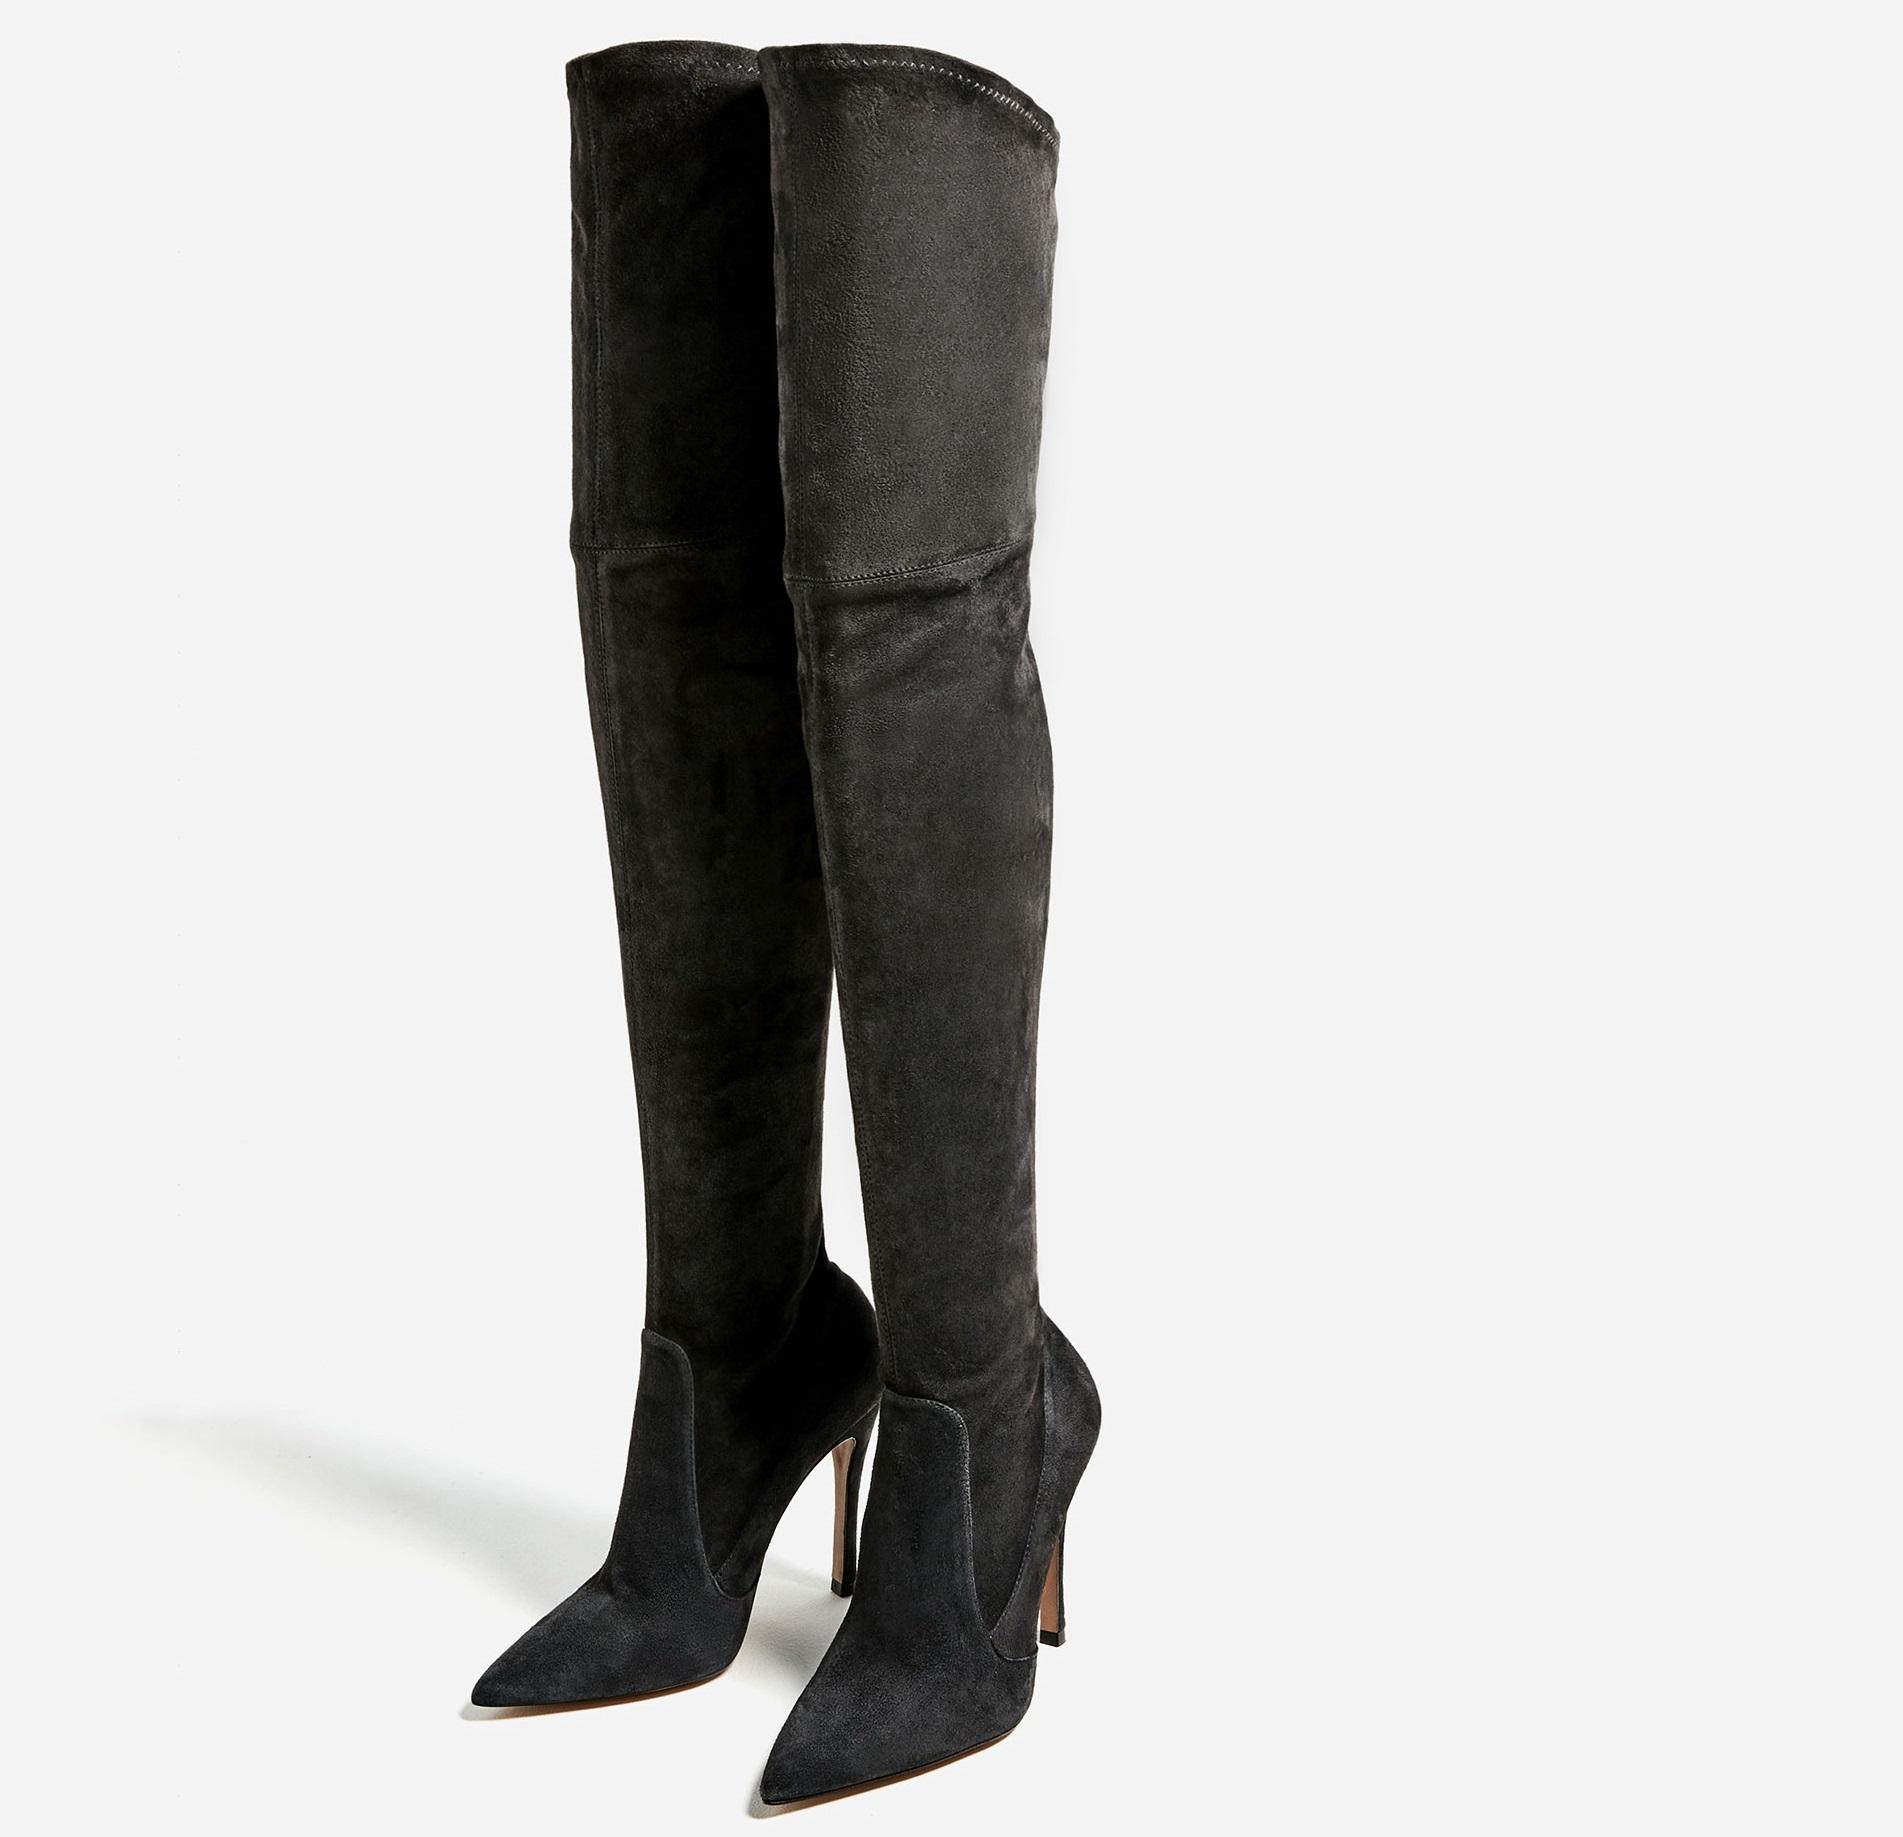 Scarpe Zara Autunno Inverno 2016 2017